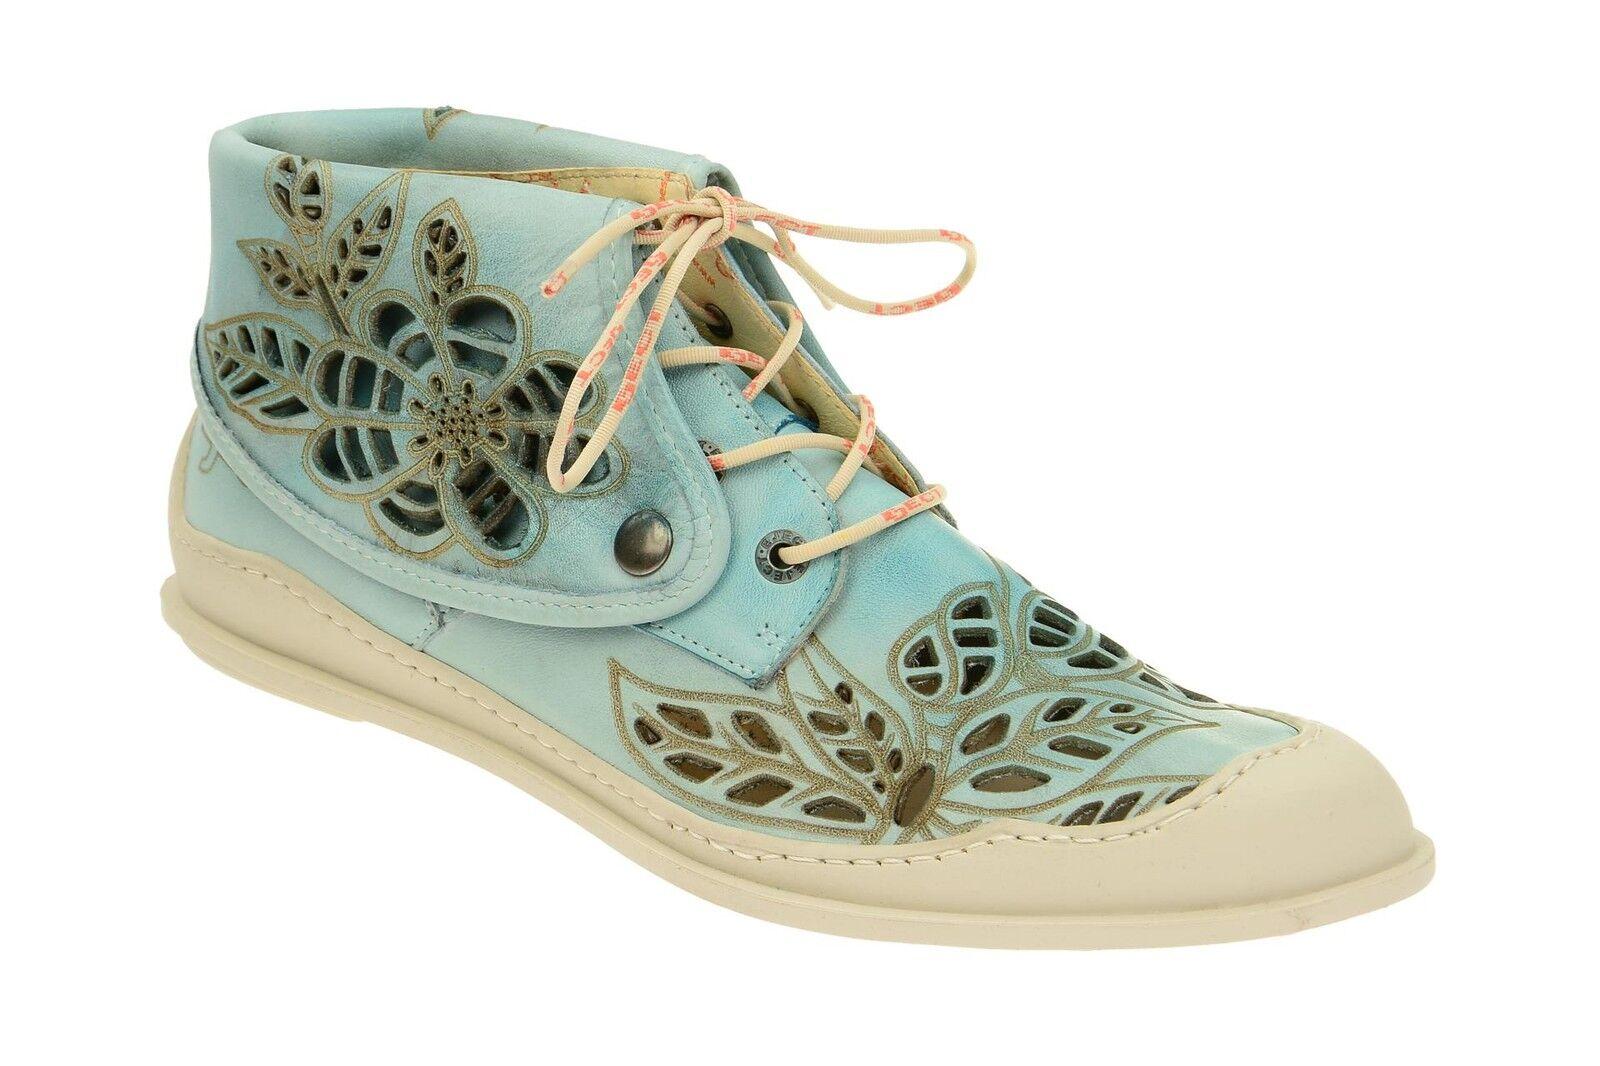 Eject zapatos ciber azul zapatos señora botines 15222 15222 botines nuevo 571414